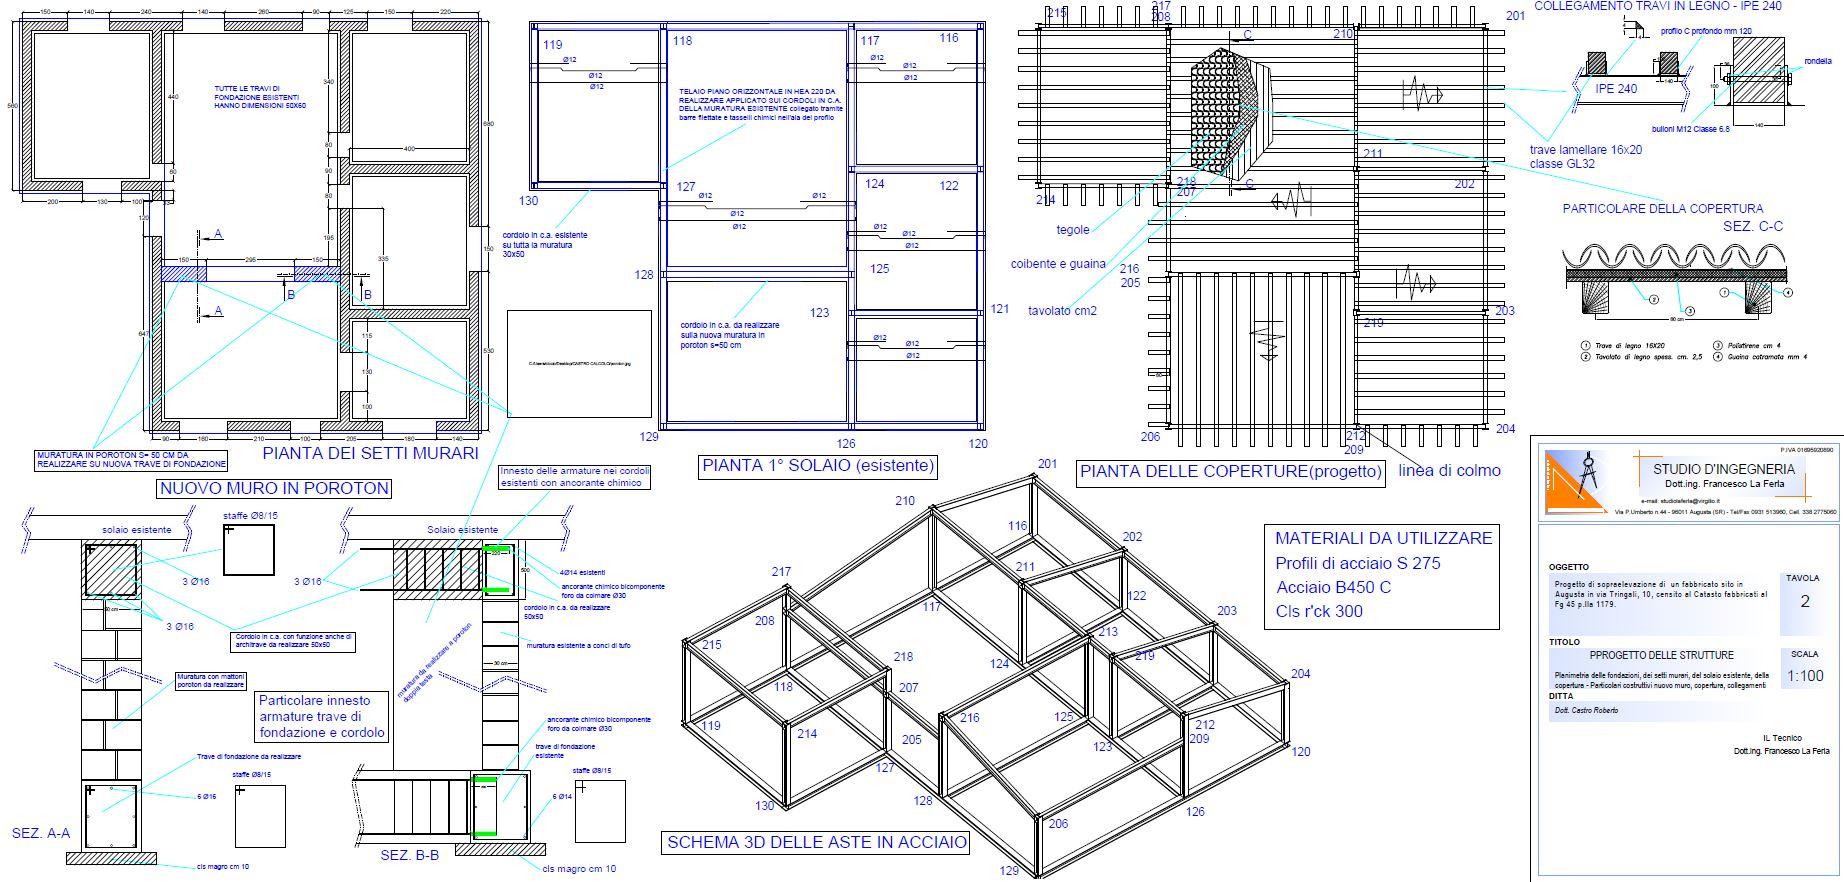 Tavola dettagli e particolasi costruttivi